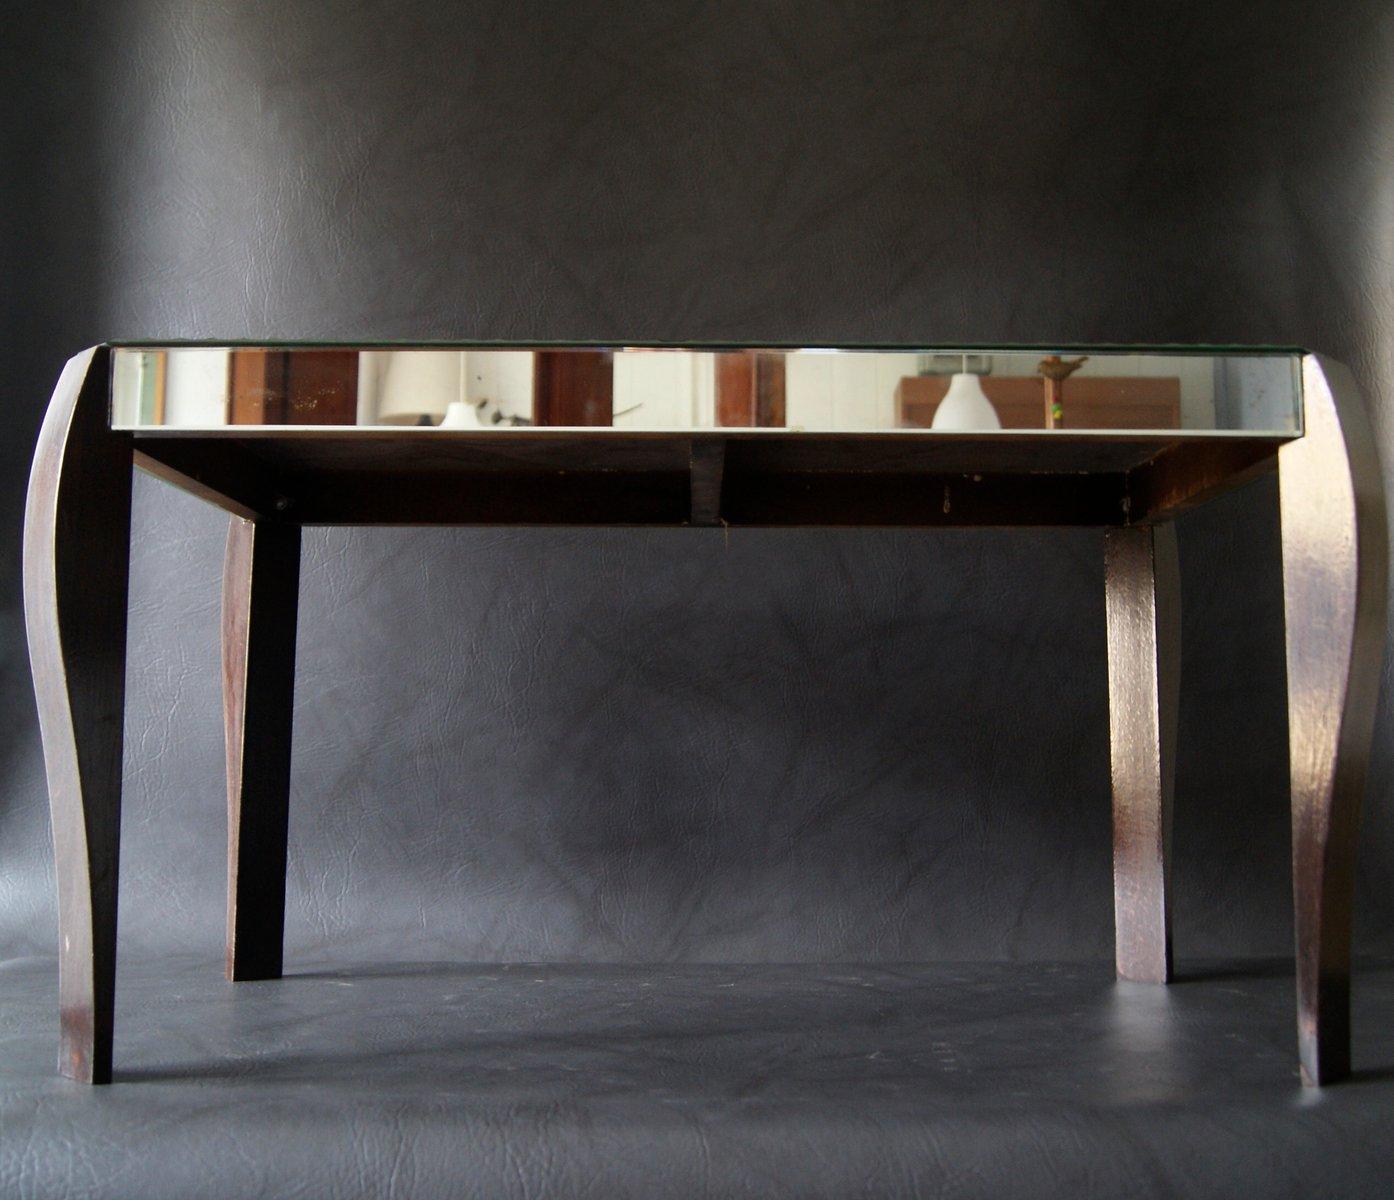 table miroir art deco 1930s en vente sur pamono. Black Bedroom Furniture Sets. Home Design Ideas